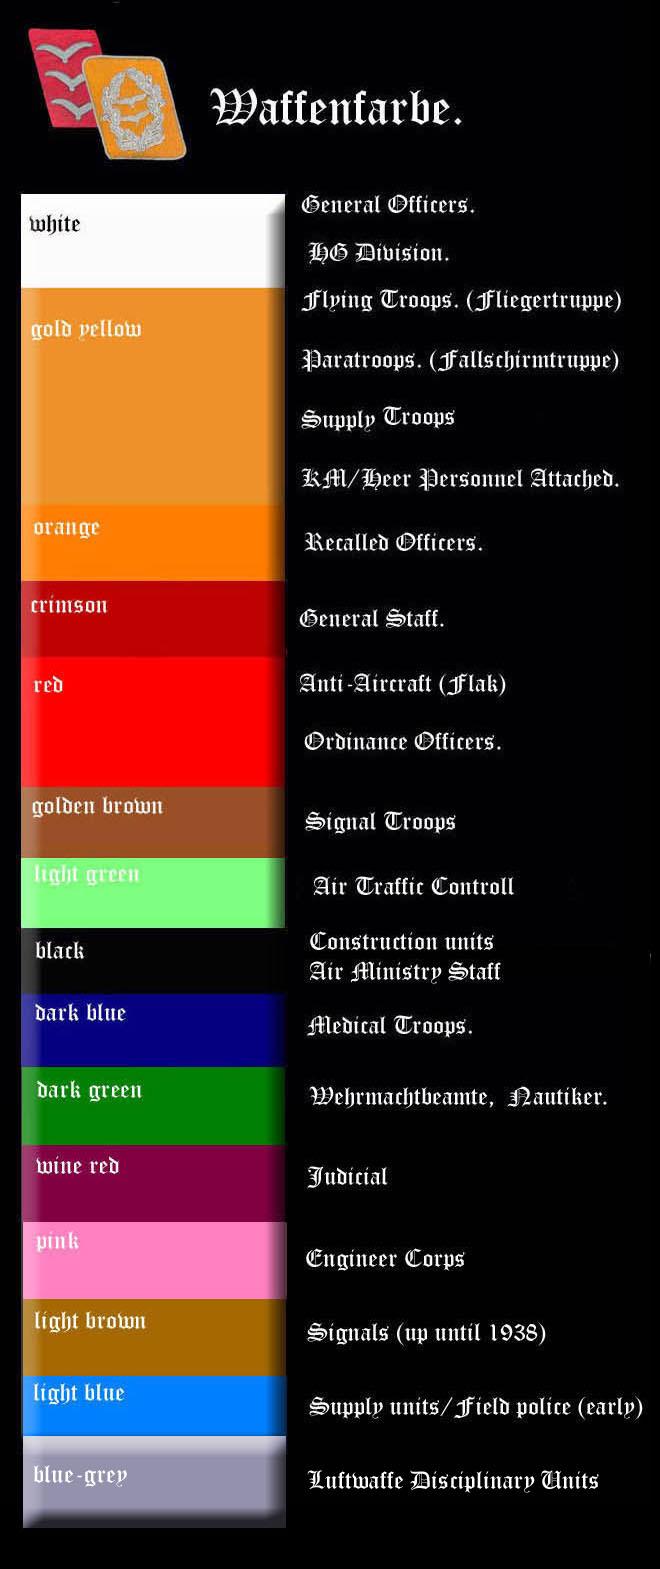 waffenfarbe